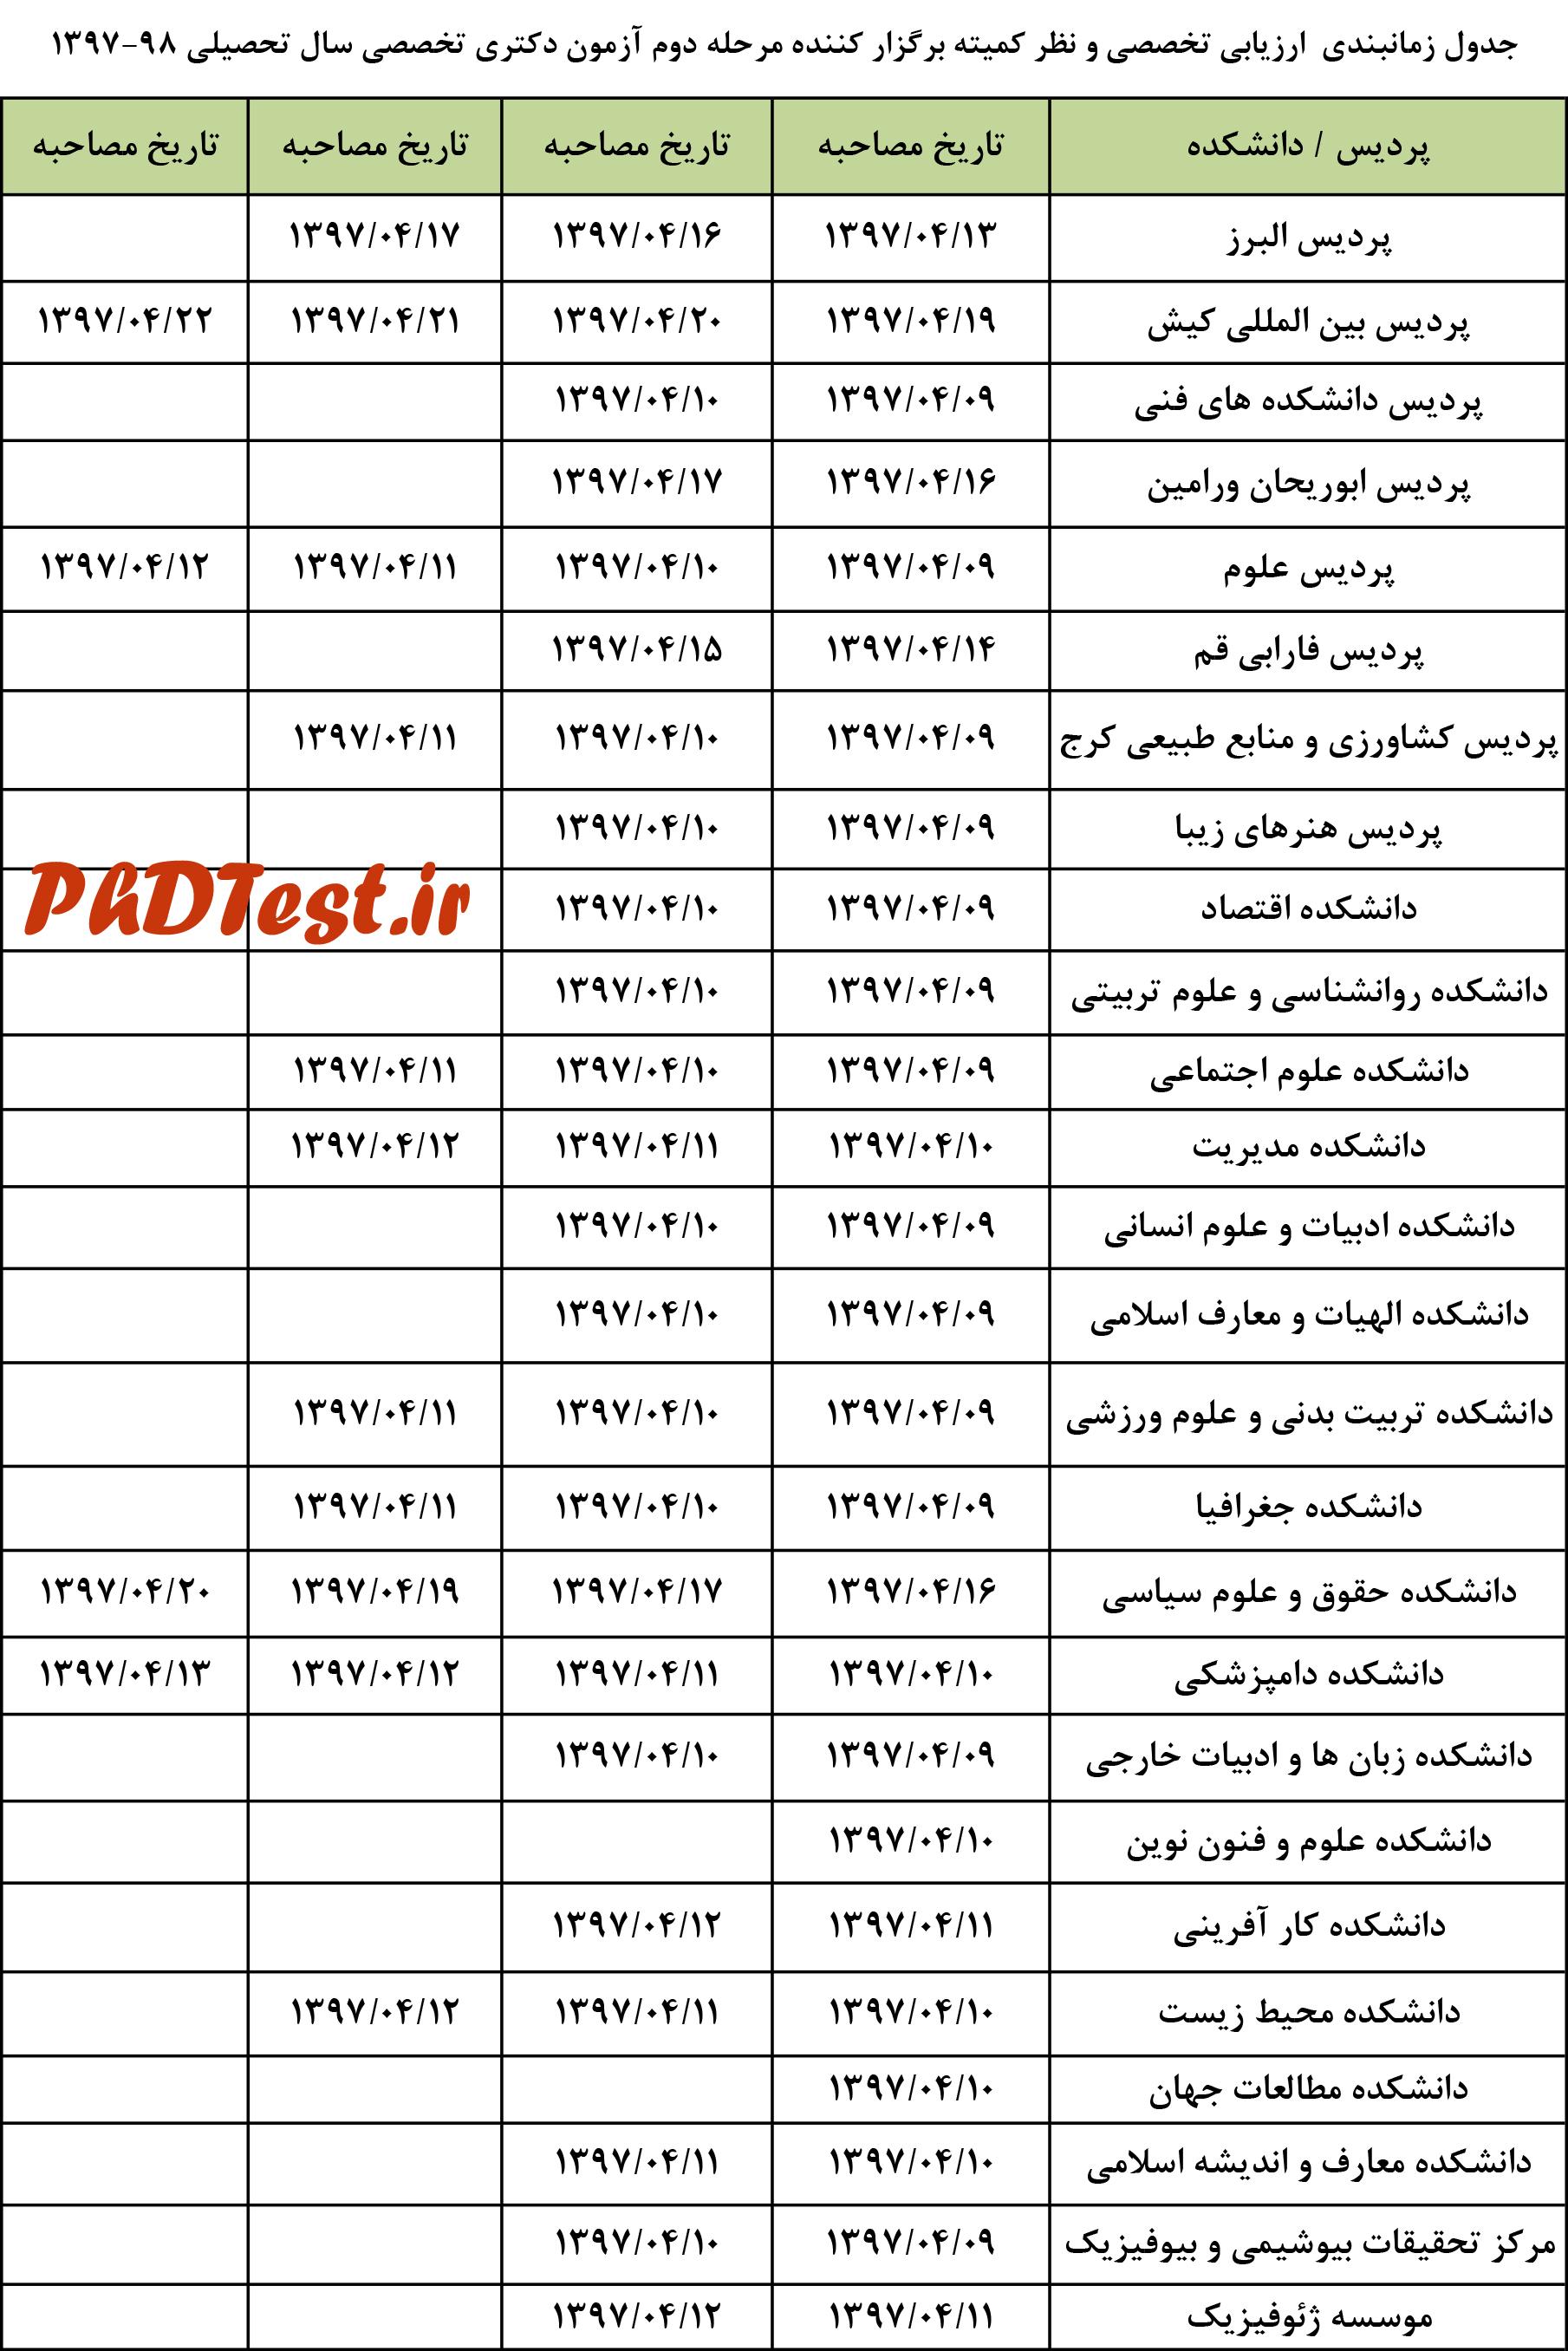 مصاحبه دکتری 97 - 98 دانشگاه تهران